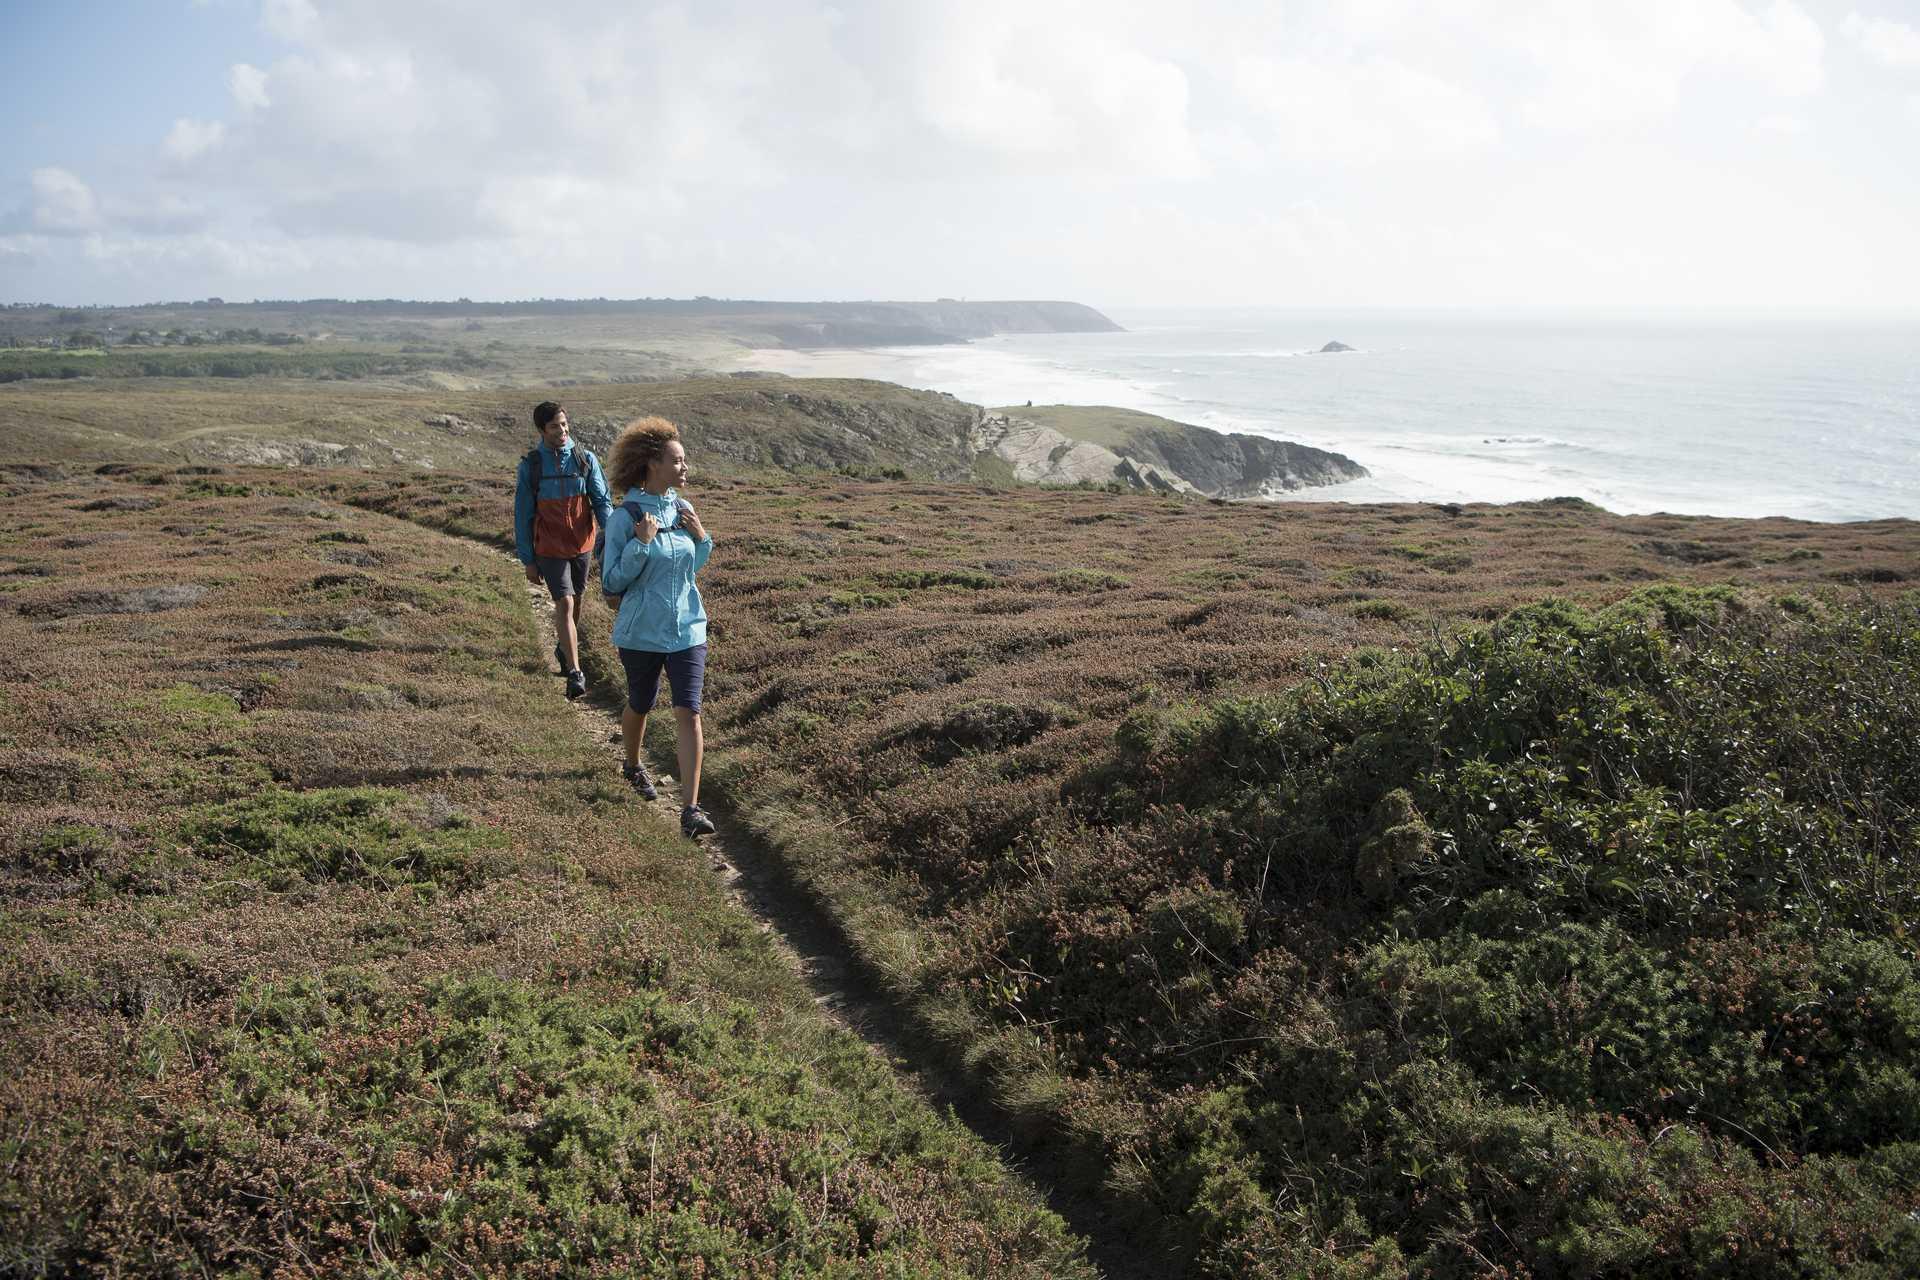 Rando nature à Crozon sur la côte